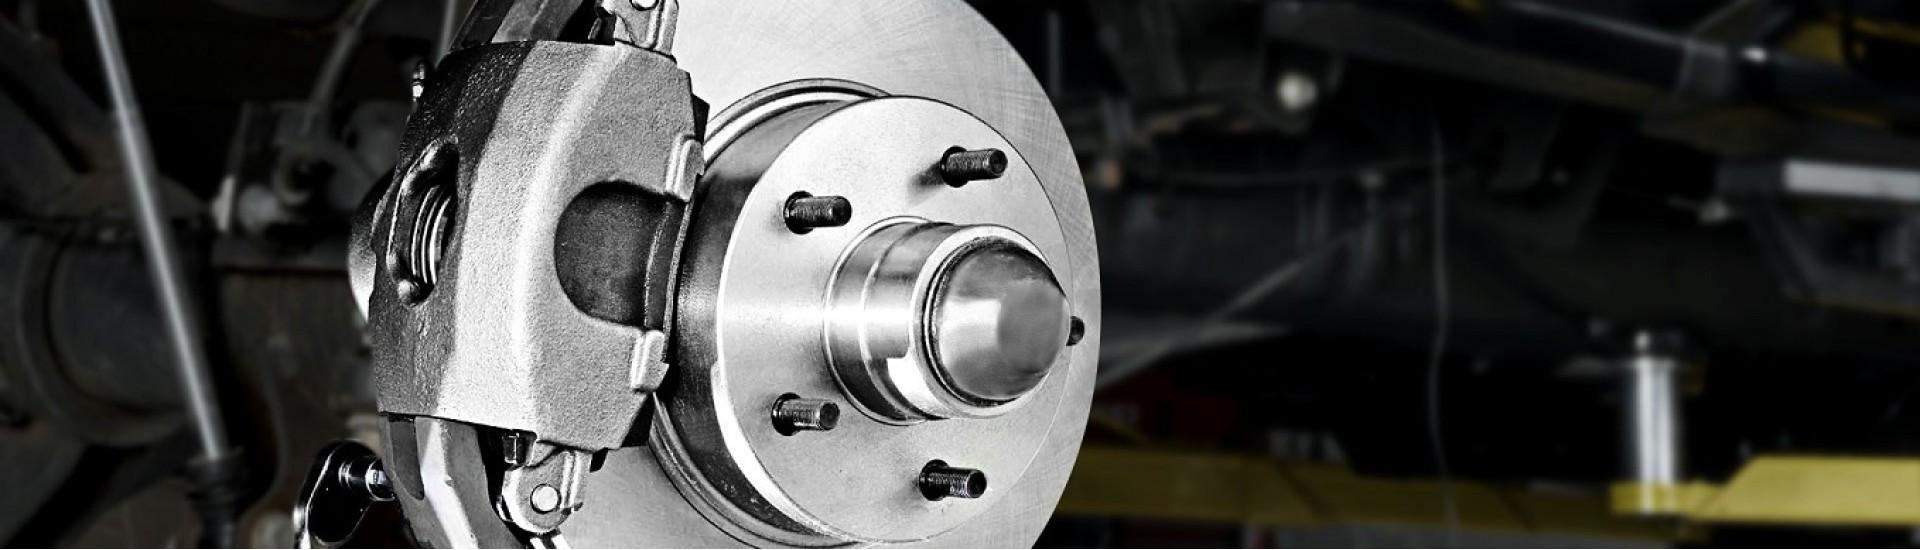 قطعات ترمز ، لوازم ترمز ، قیمت قطعات ترمز ، brake parts